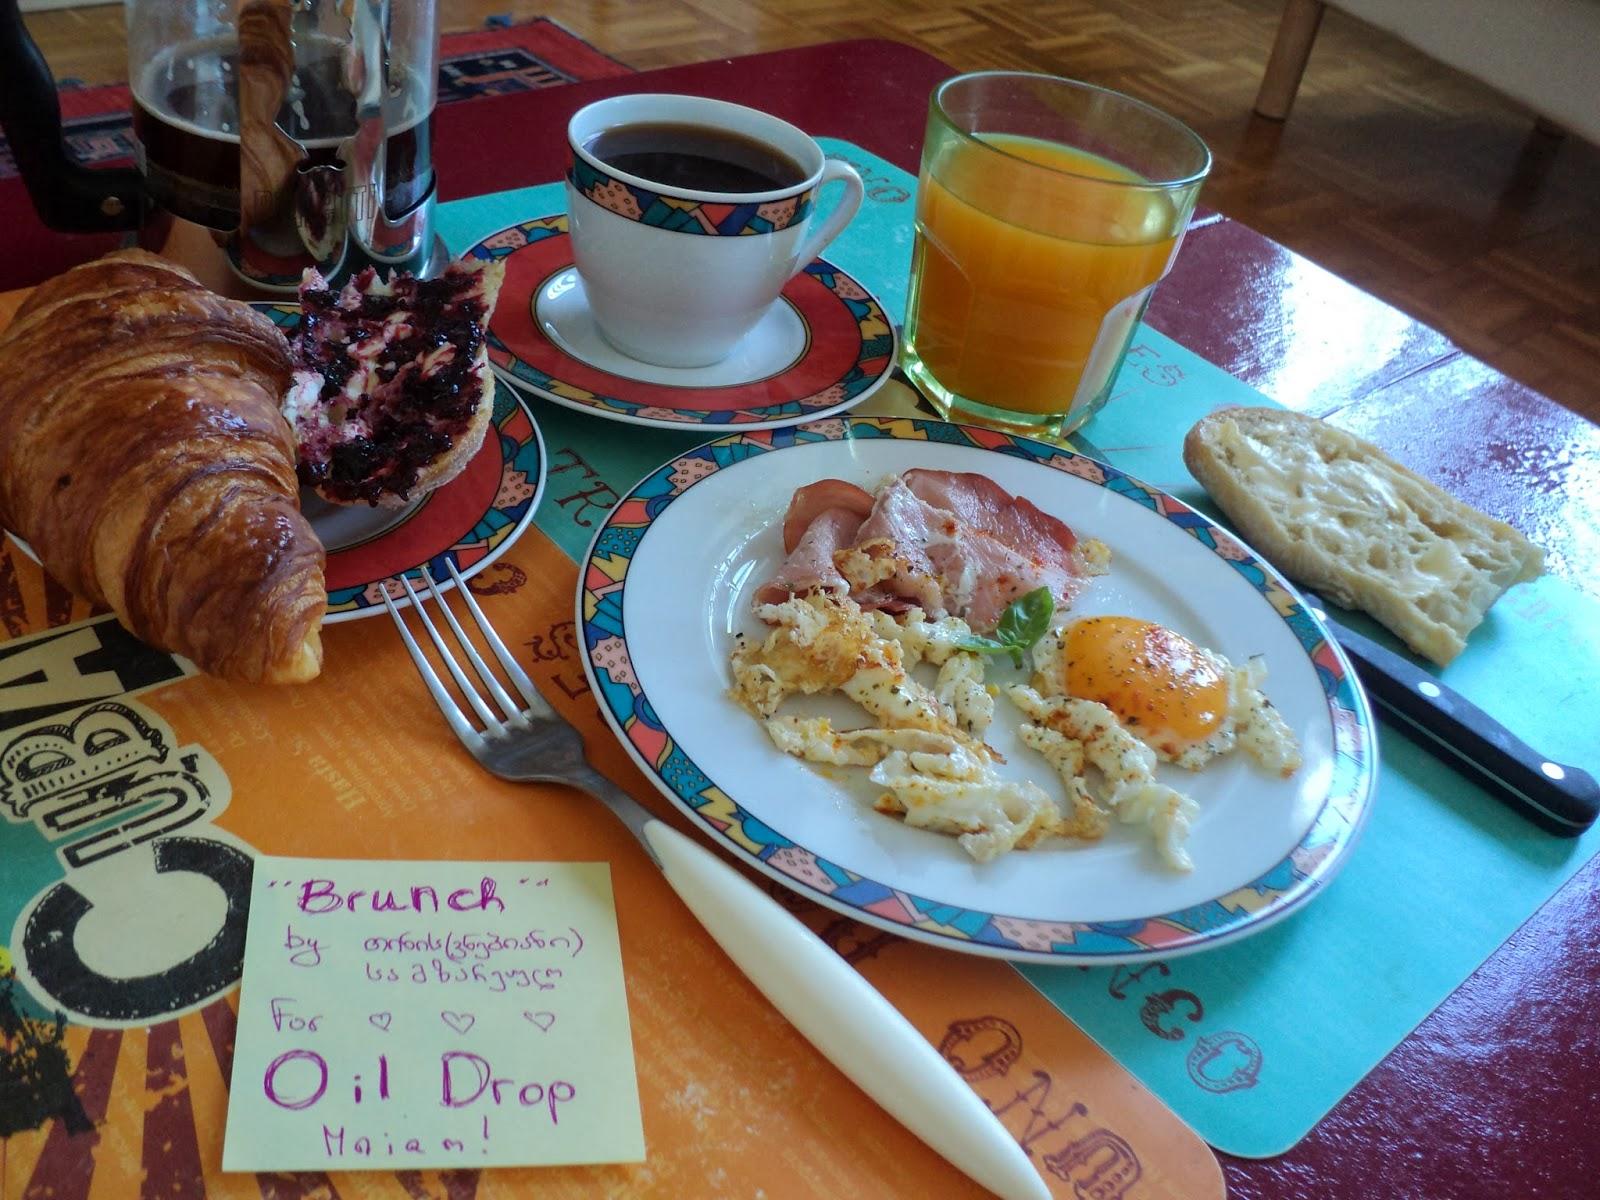 Le bon Brunch du dimanche matin / კვირა დილის კაი ბრანჩი